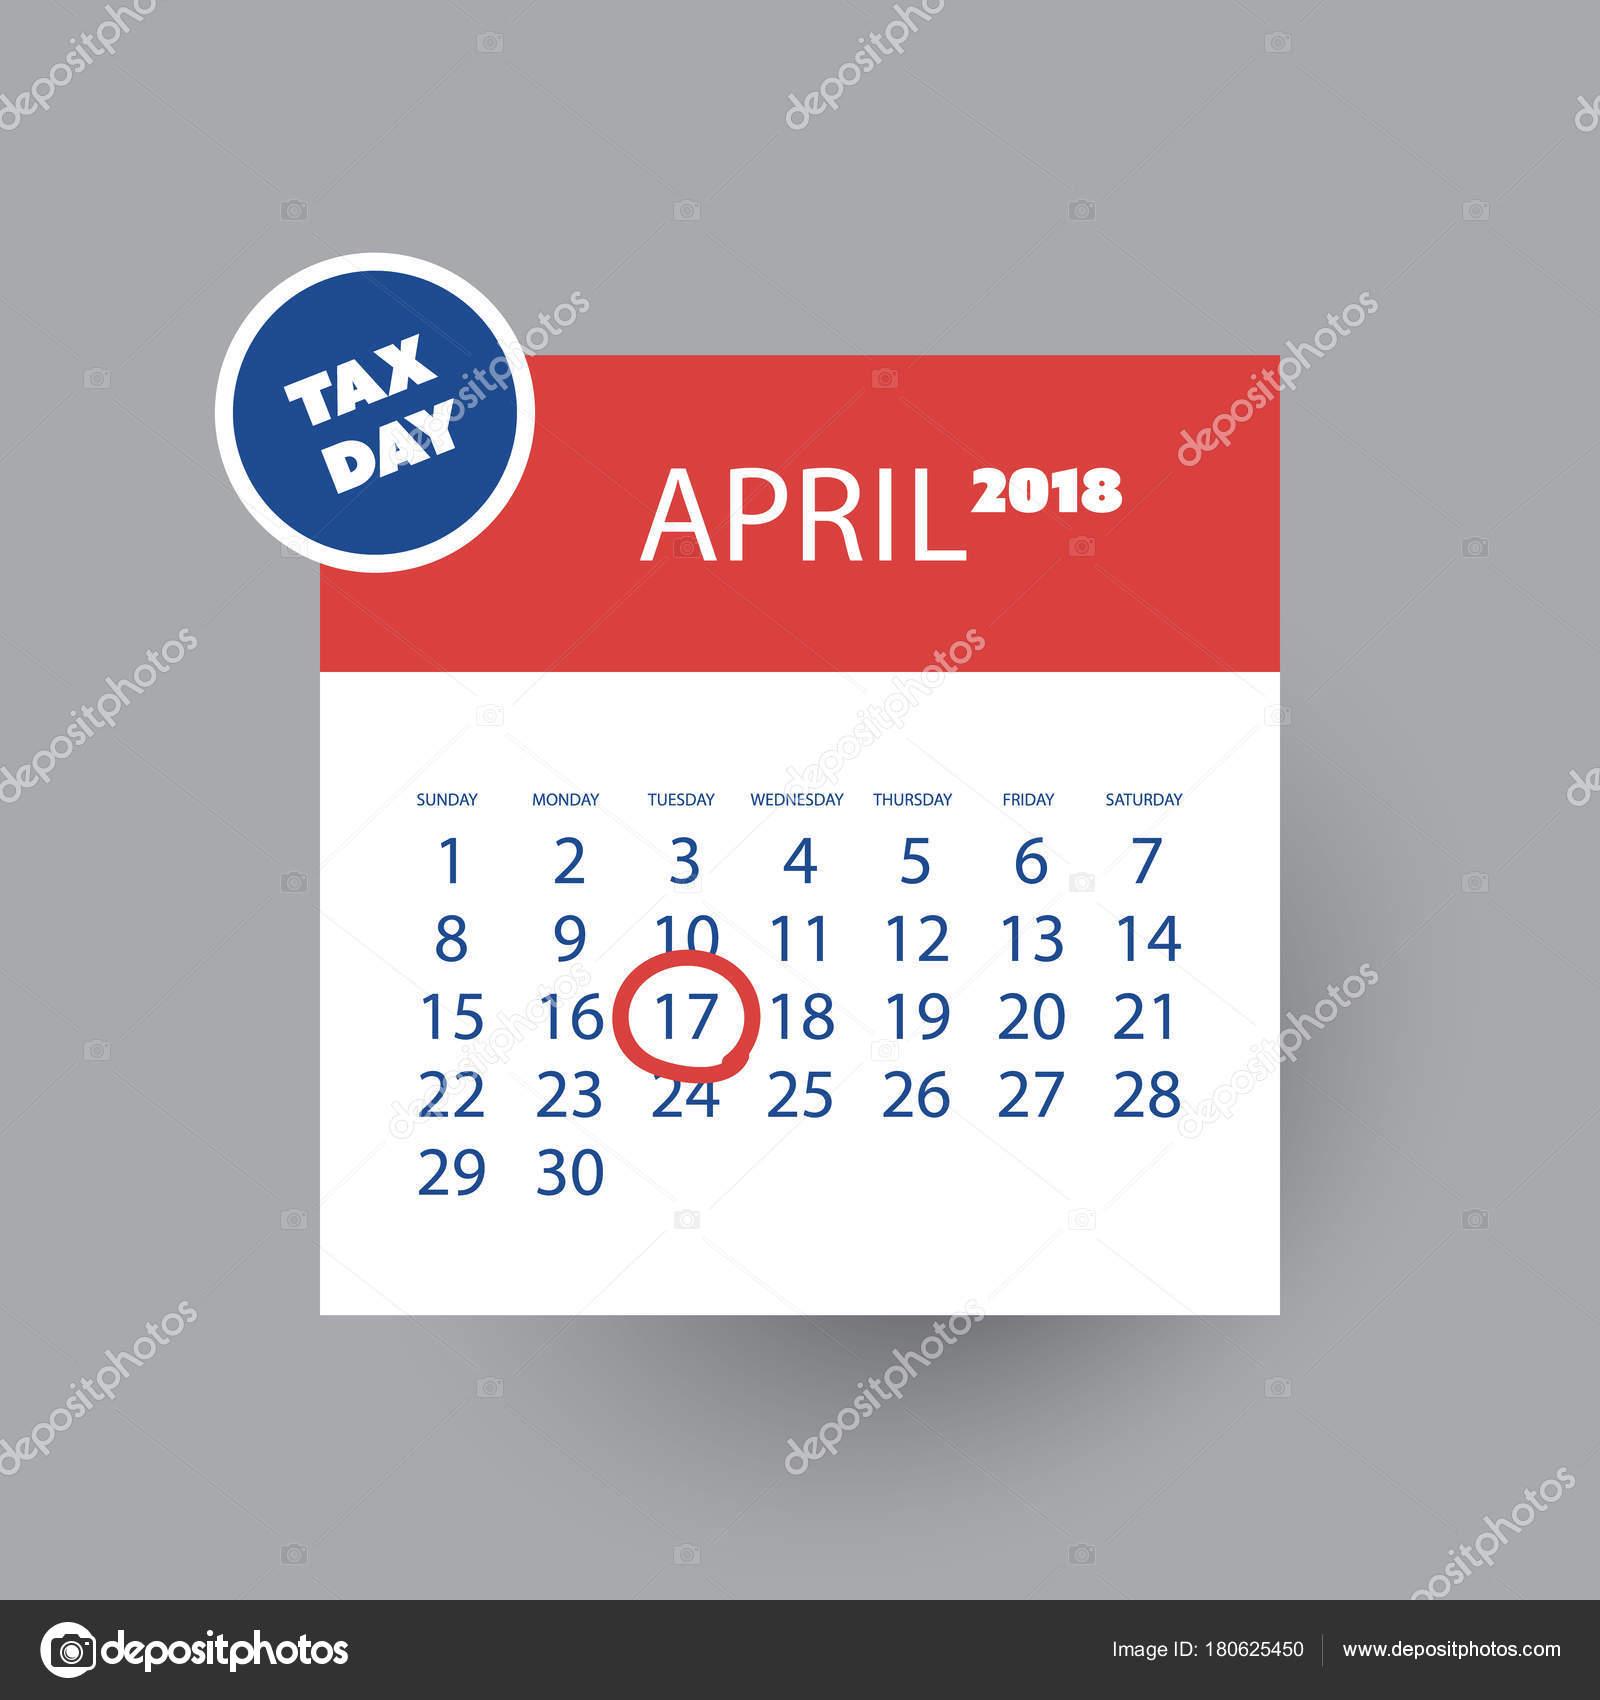 Impuesto día recordatorio concepto - calendario plantilla de diseño ...